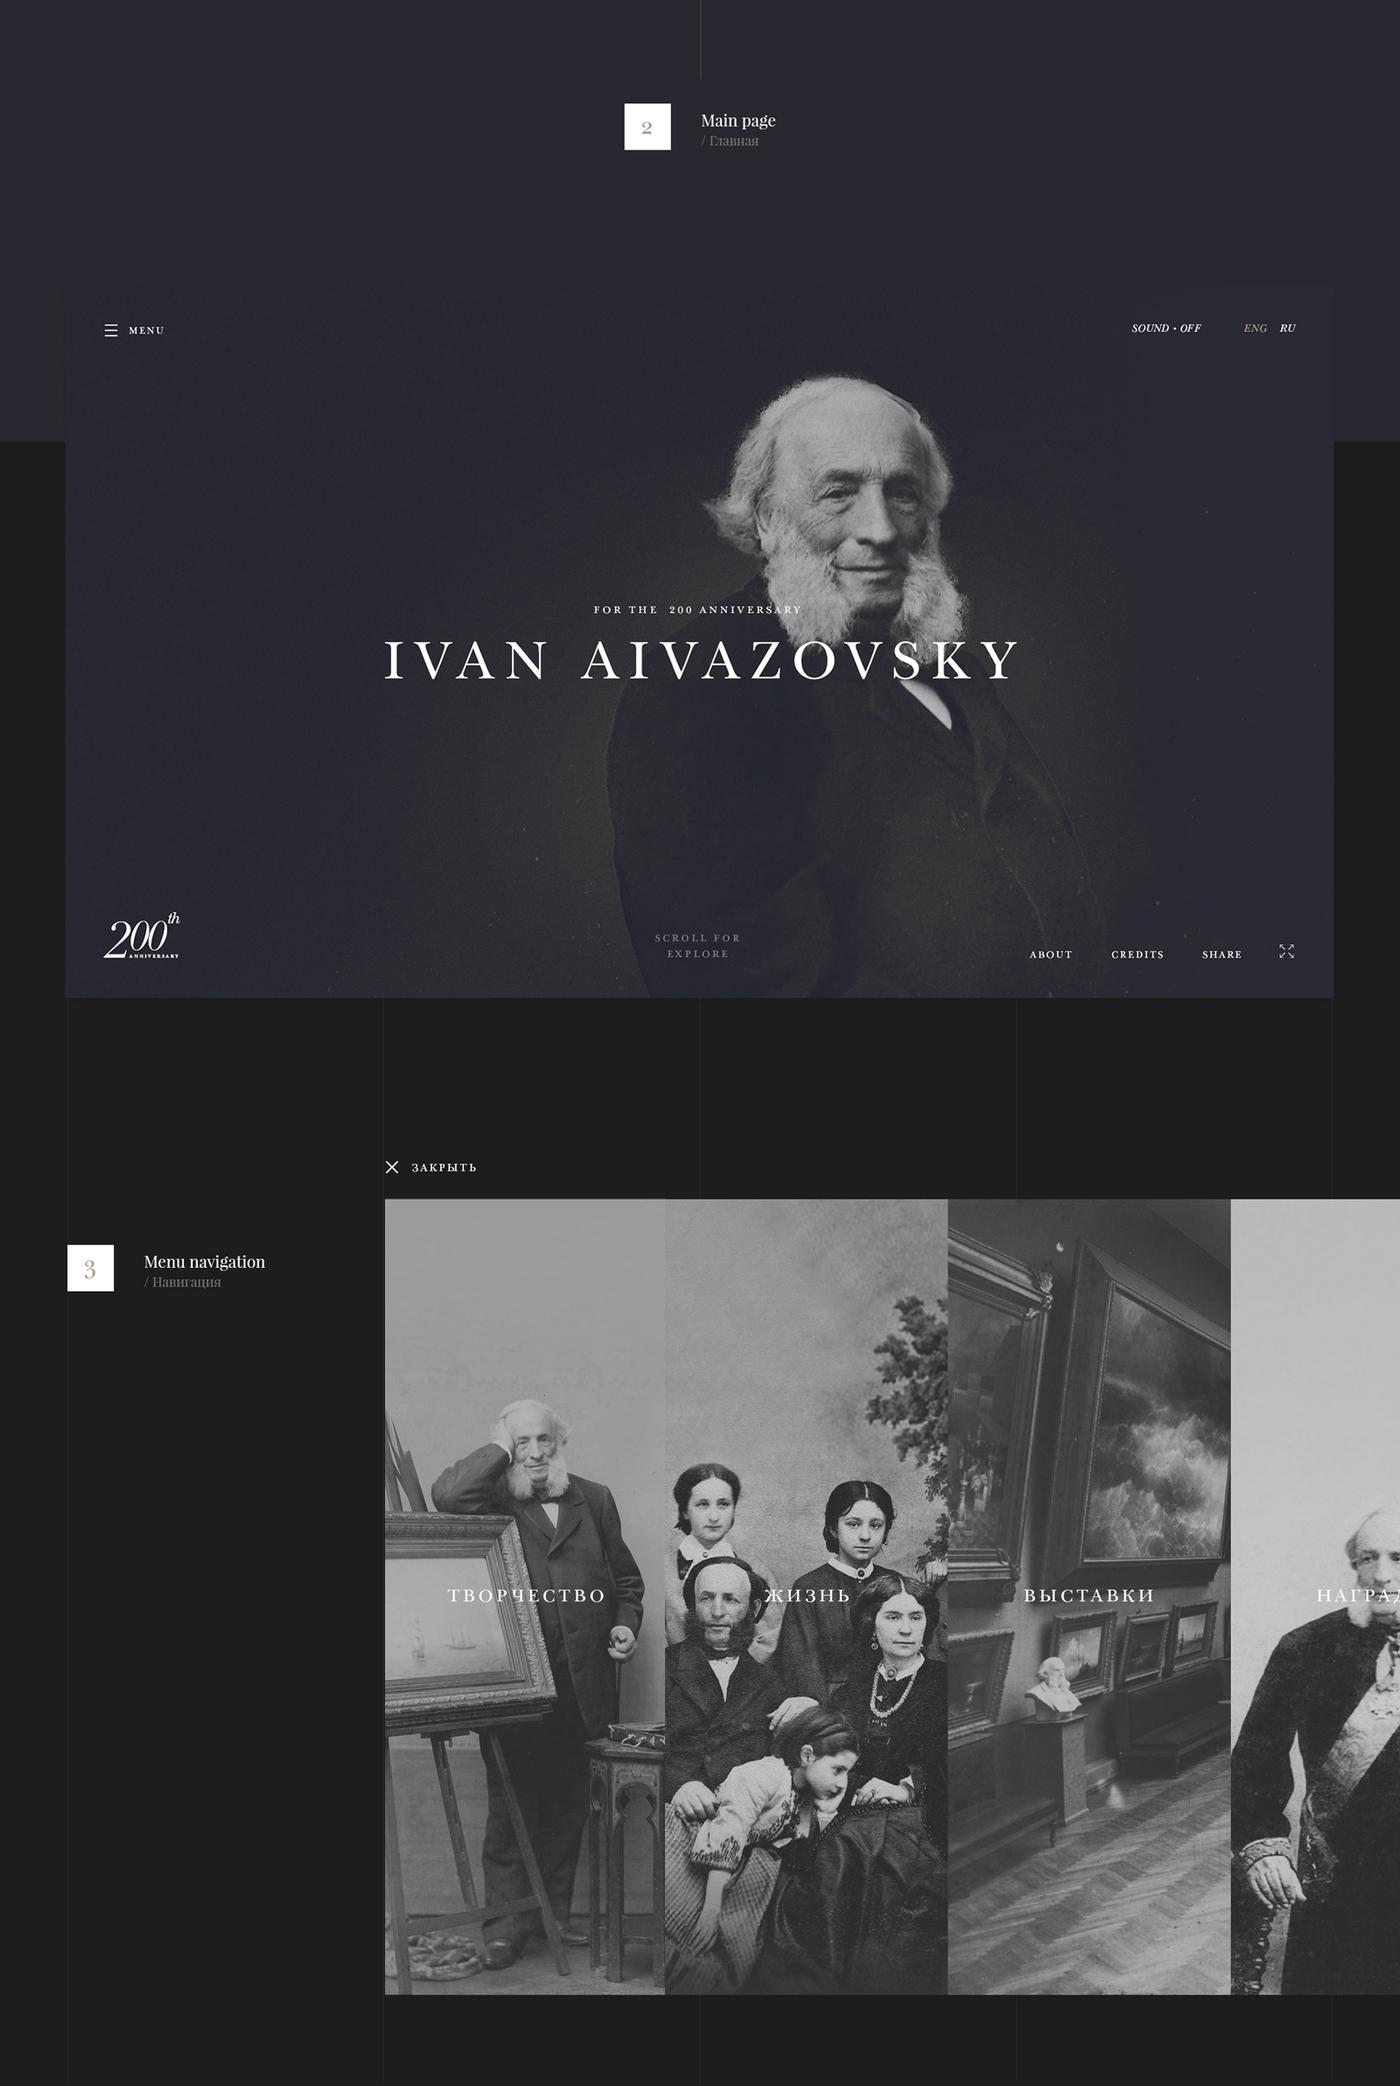 Aivazovsky Ivan Aivazovsky anniversary 200th interaction personality Documentary  sea russian art